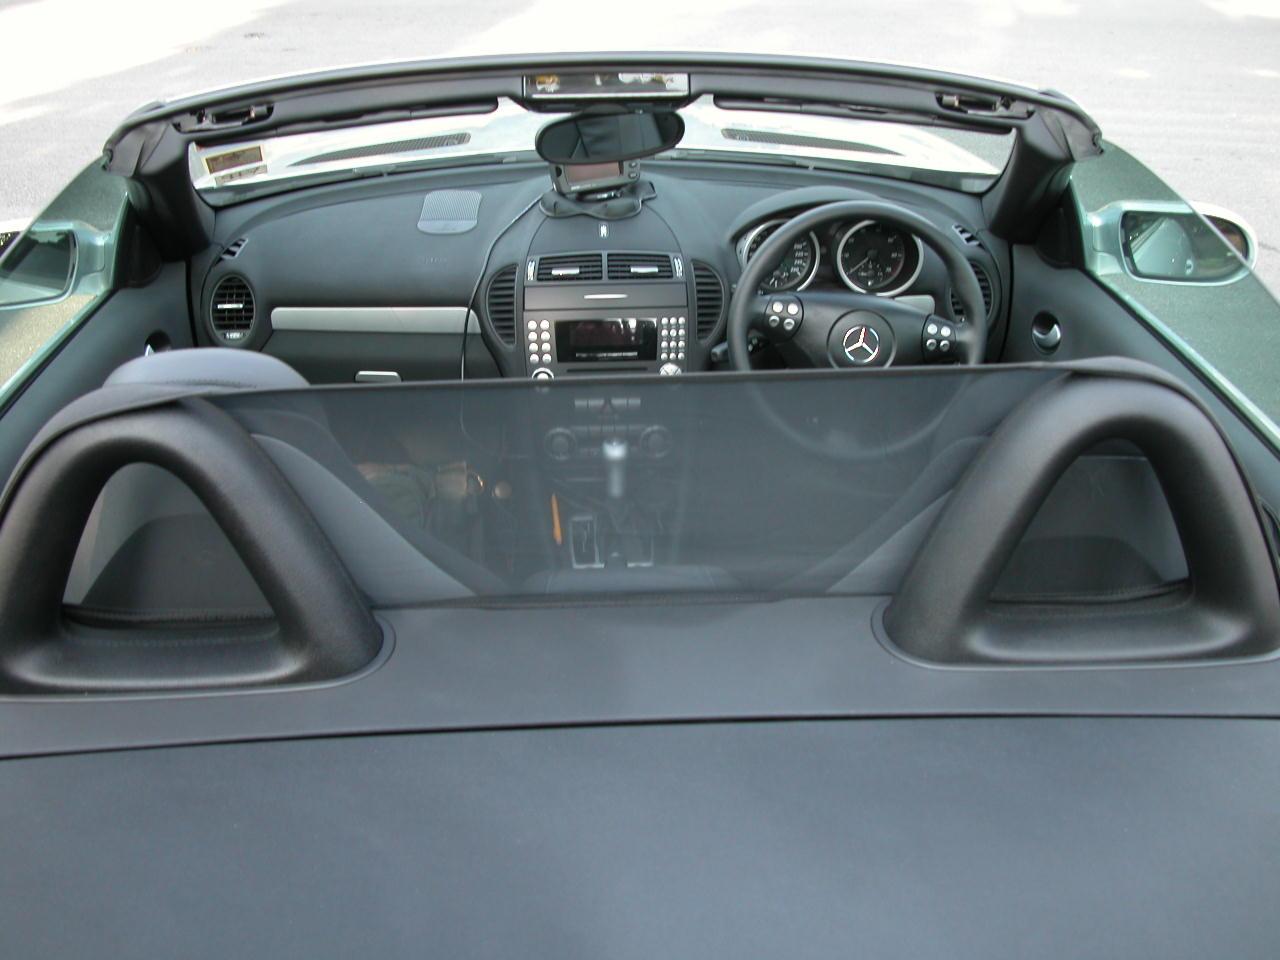 2009 BMW Z4, 2008 S600,